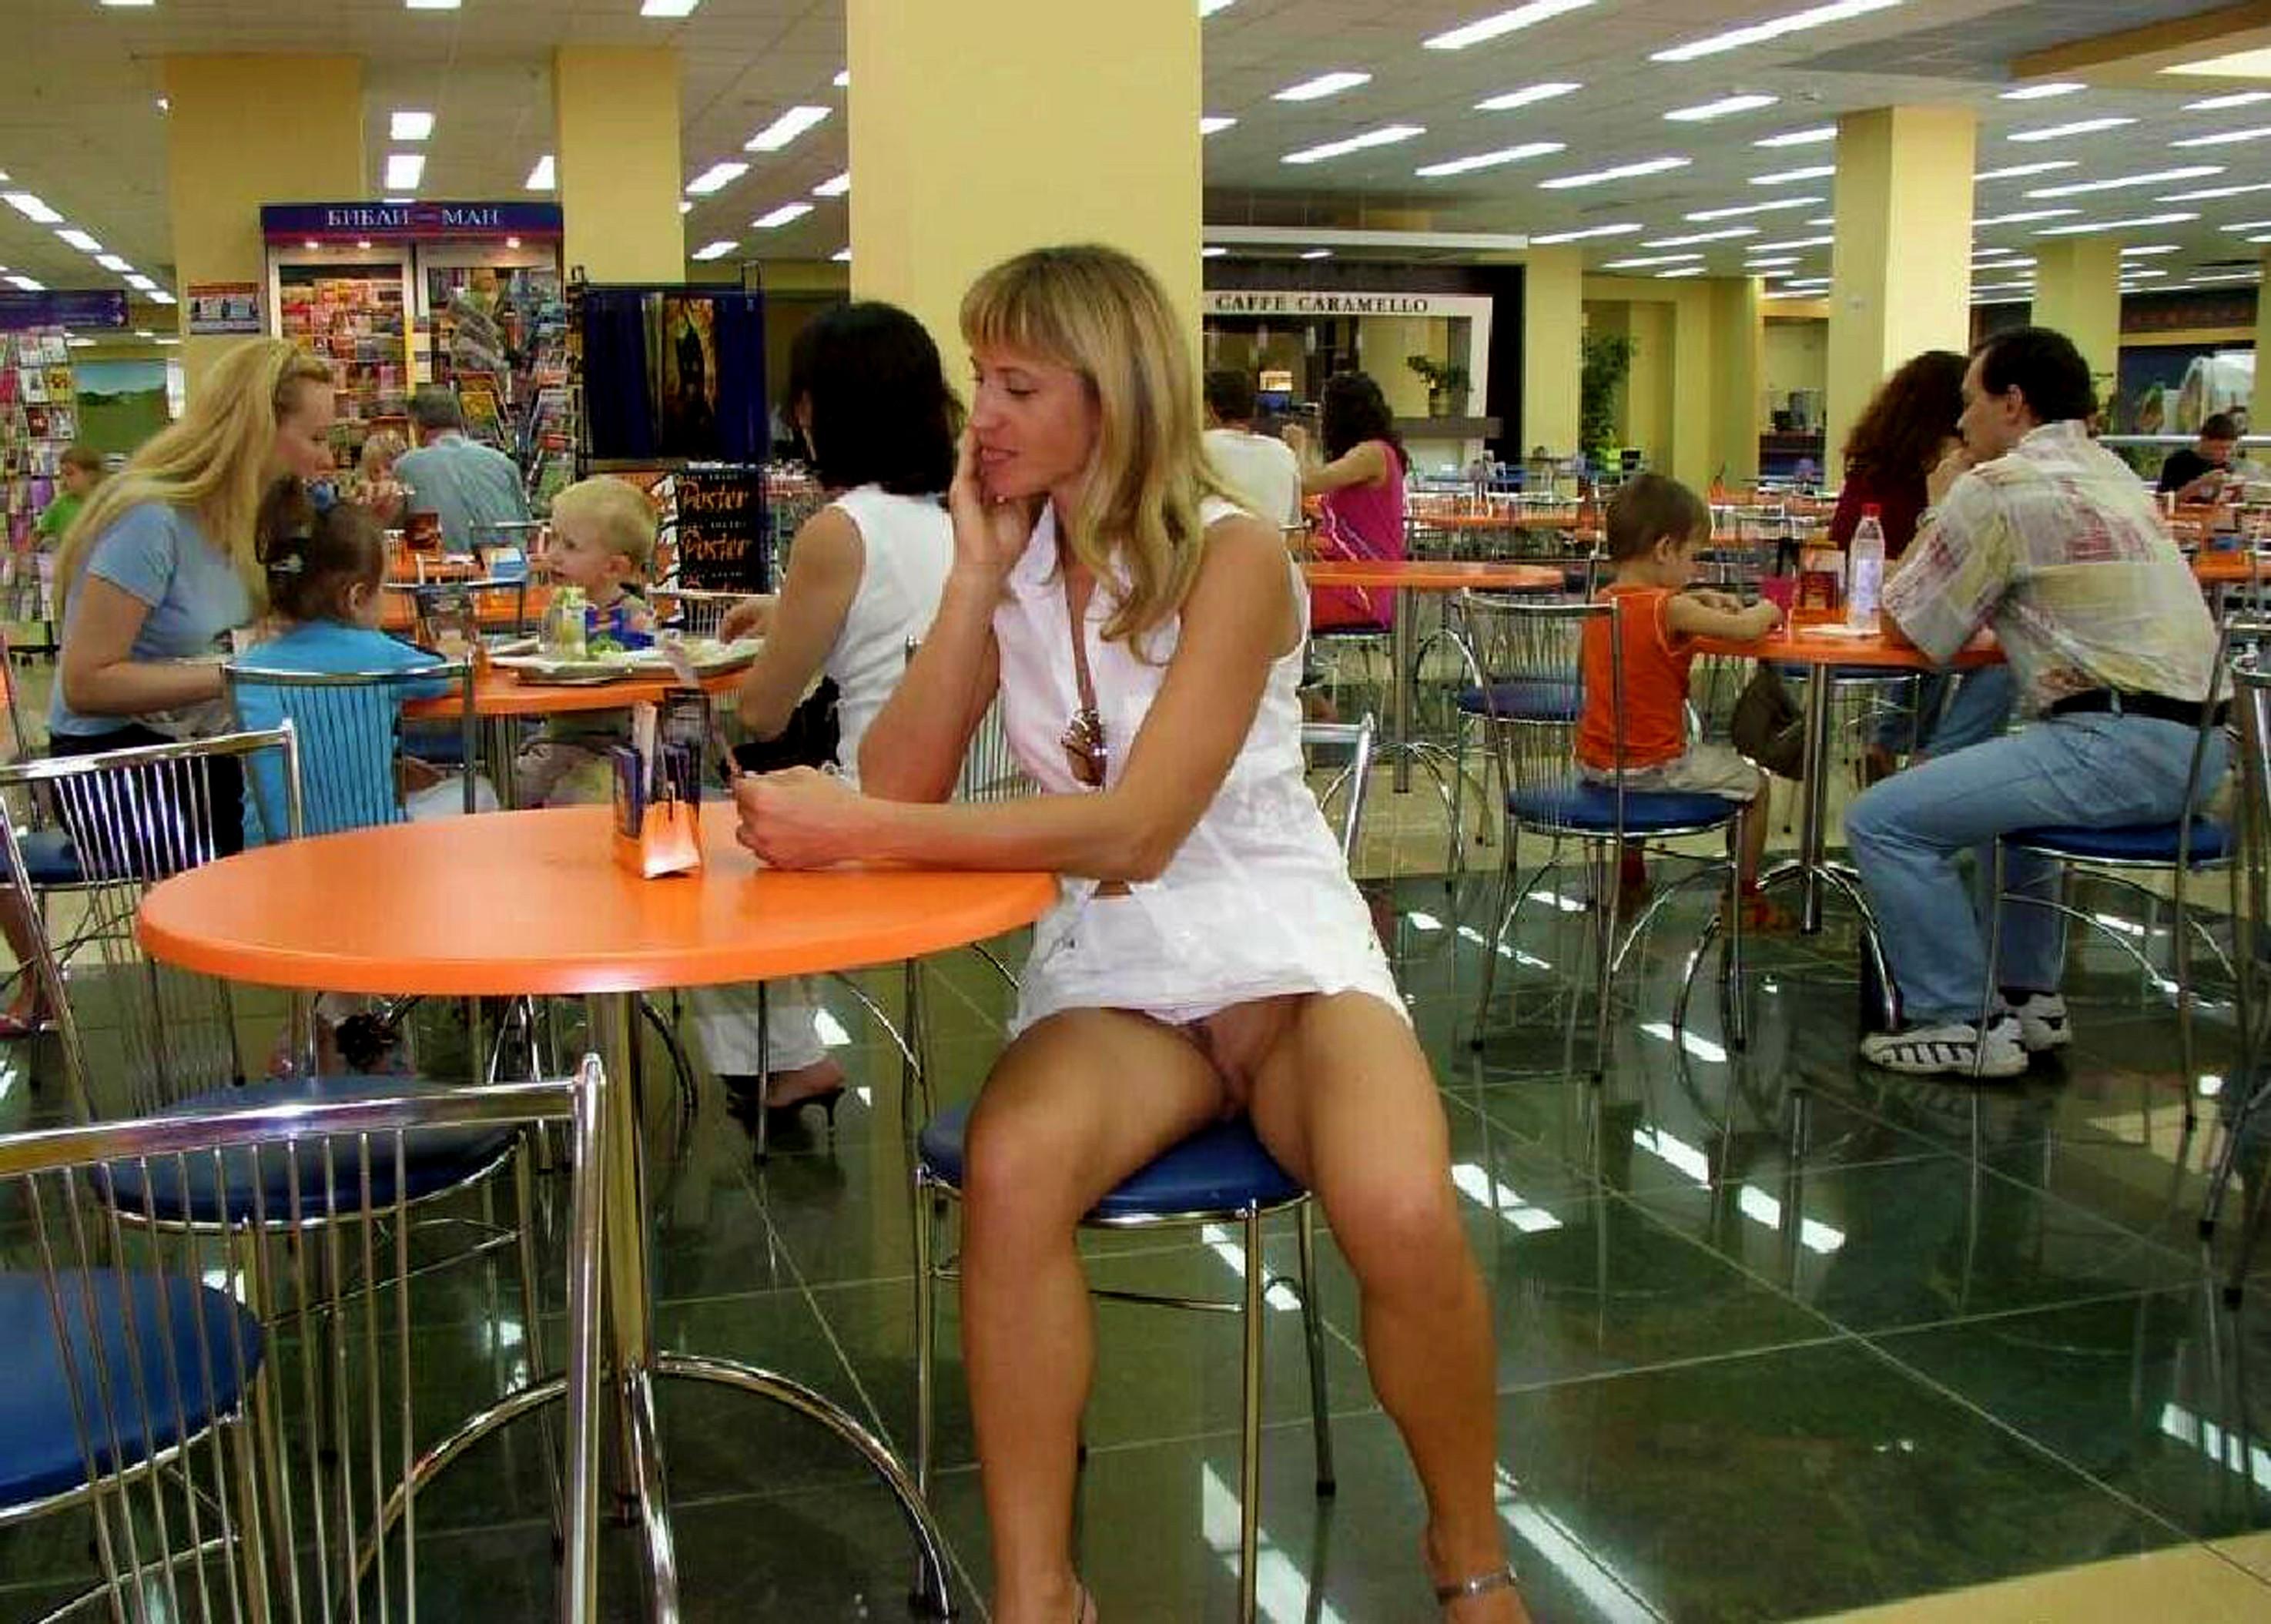 Смотреть онлайн без трусиков в юбке в кафе 11 фотография